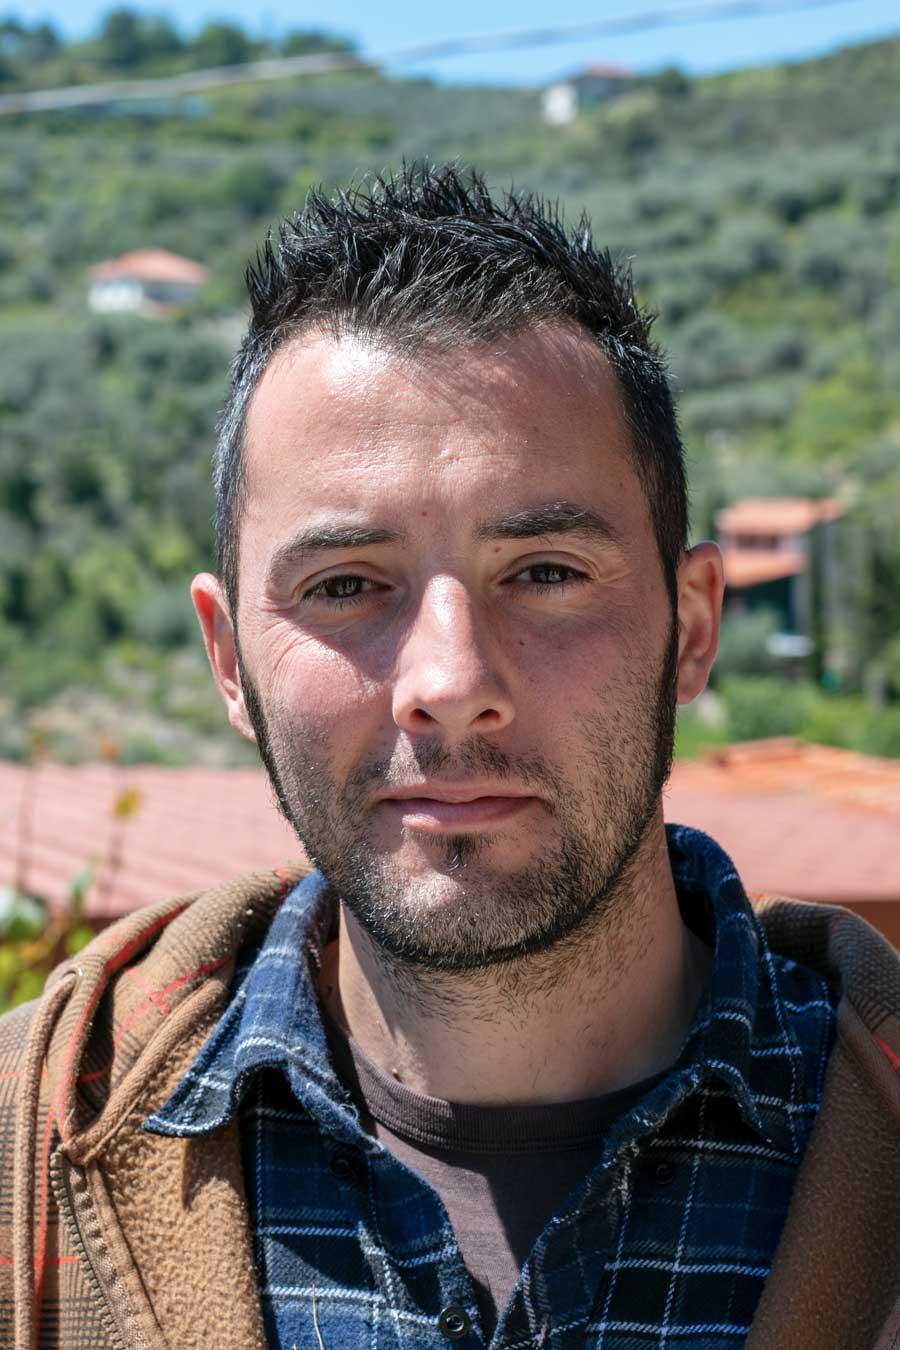 Producteur d'eau de fleur d'oranger, en Italie, avec qui nous collaborons